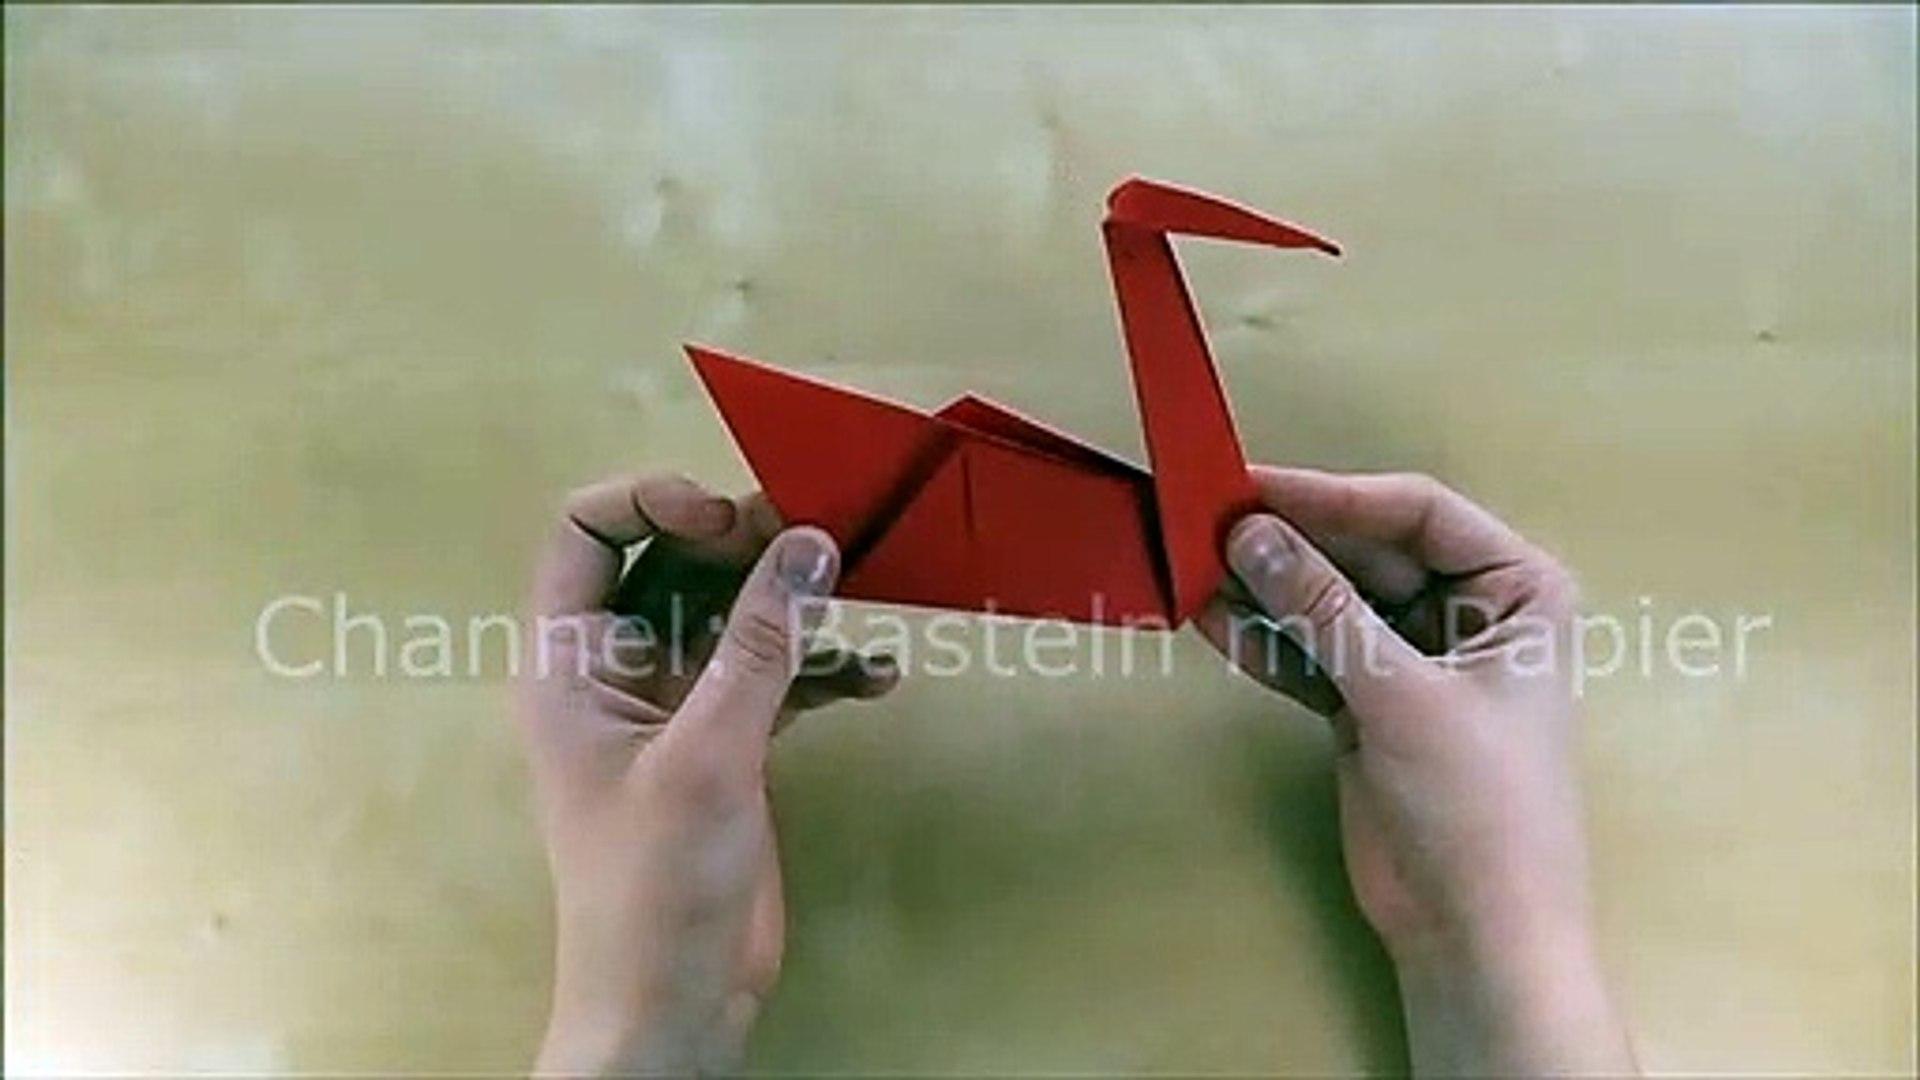 Origami Schwan Basteln Mit Papier Bastelideen Tiere Falten Mit Kindern